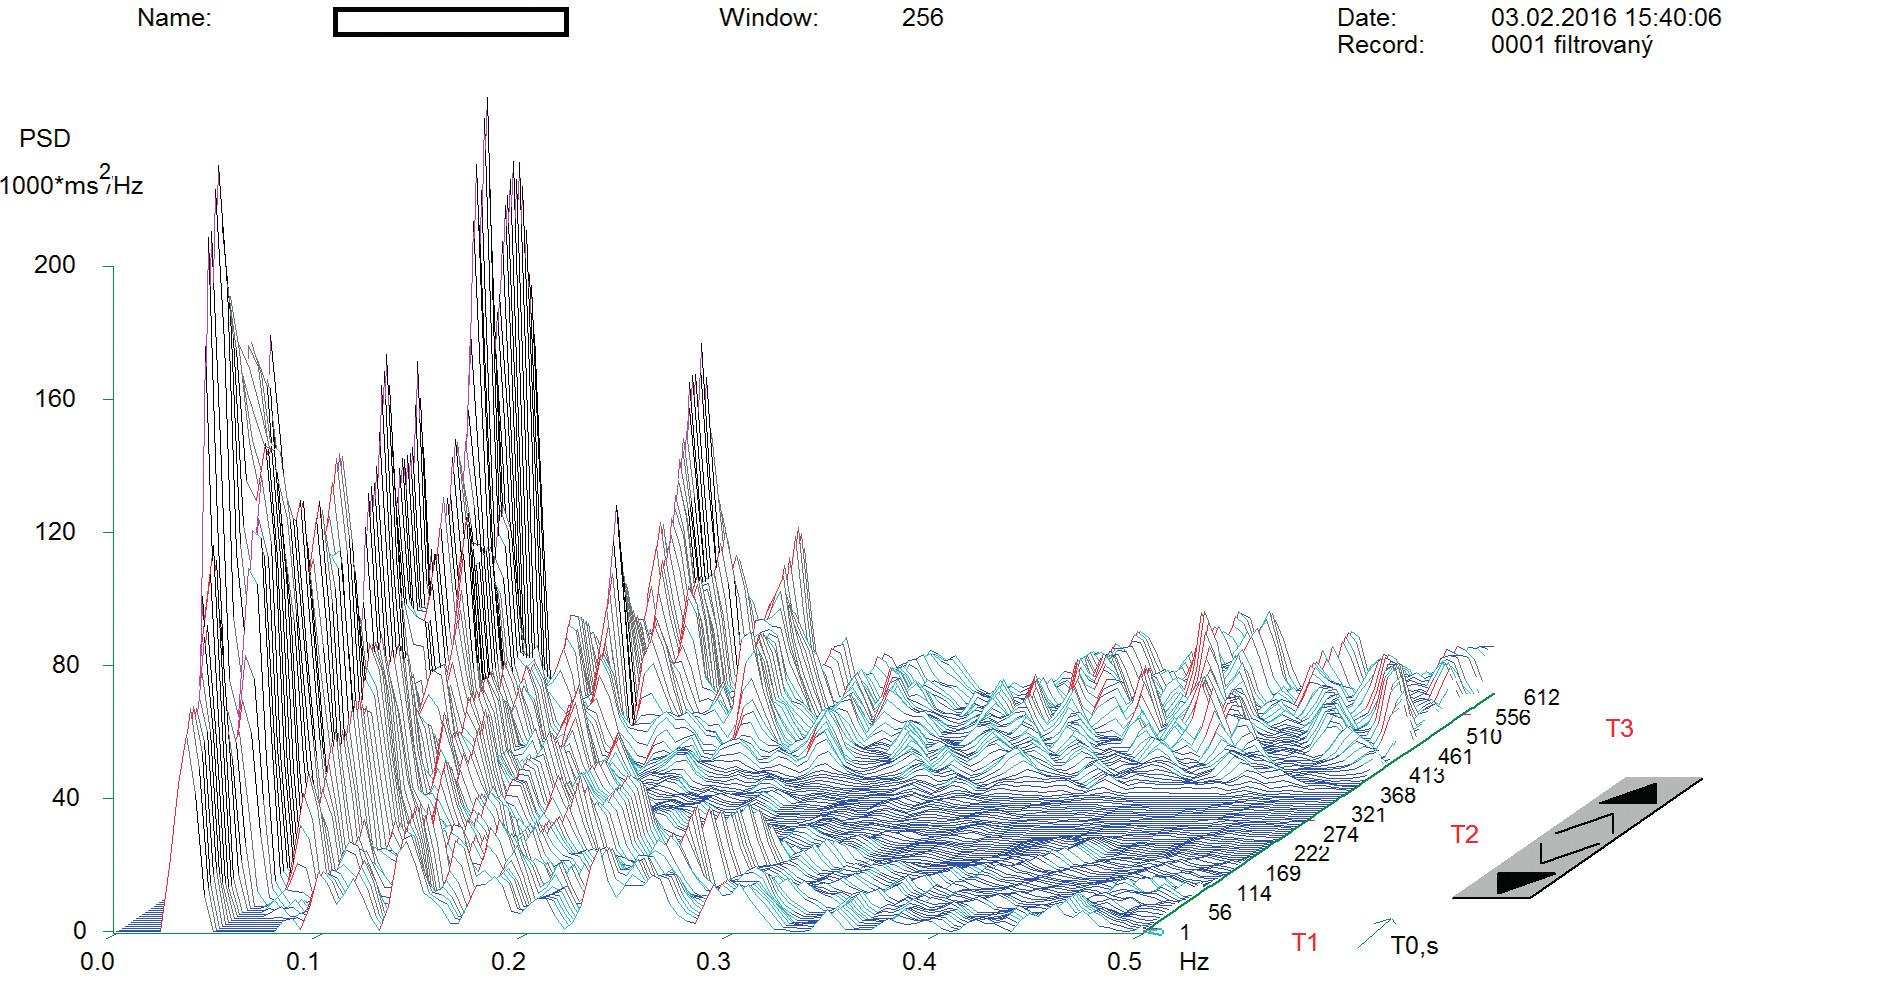 Spektrální analýza variability srdeční frekvence probanda po aplikaci zvoleného relaxačního programu AVS.